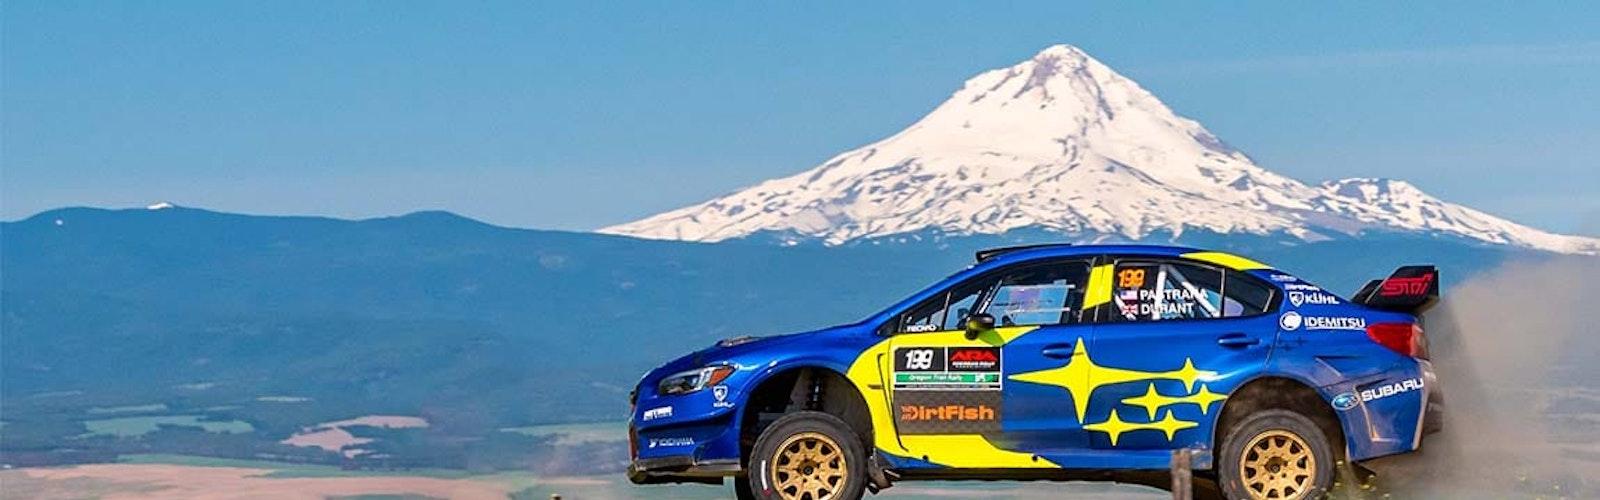 Subaru-Launch-Control-S07E05